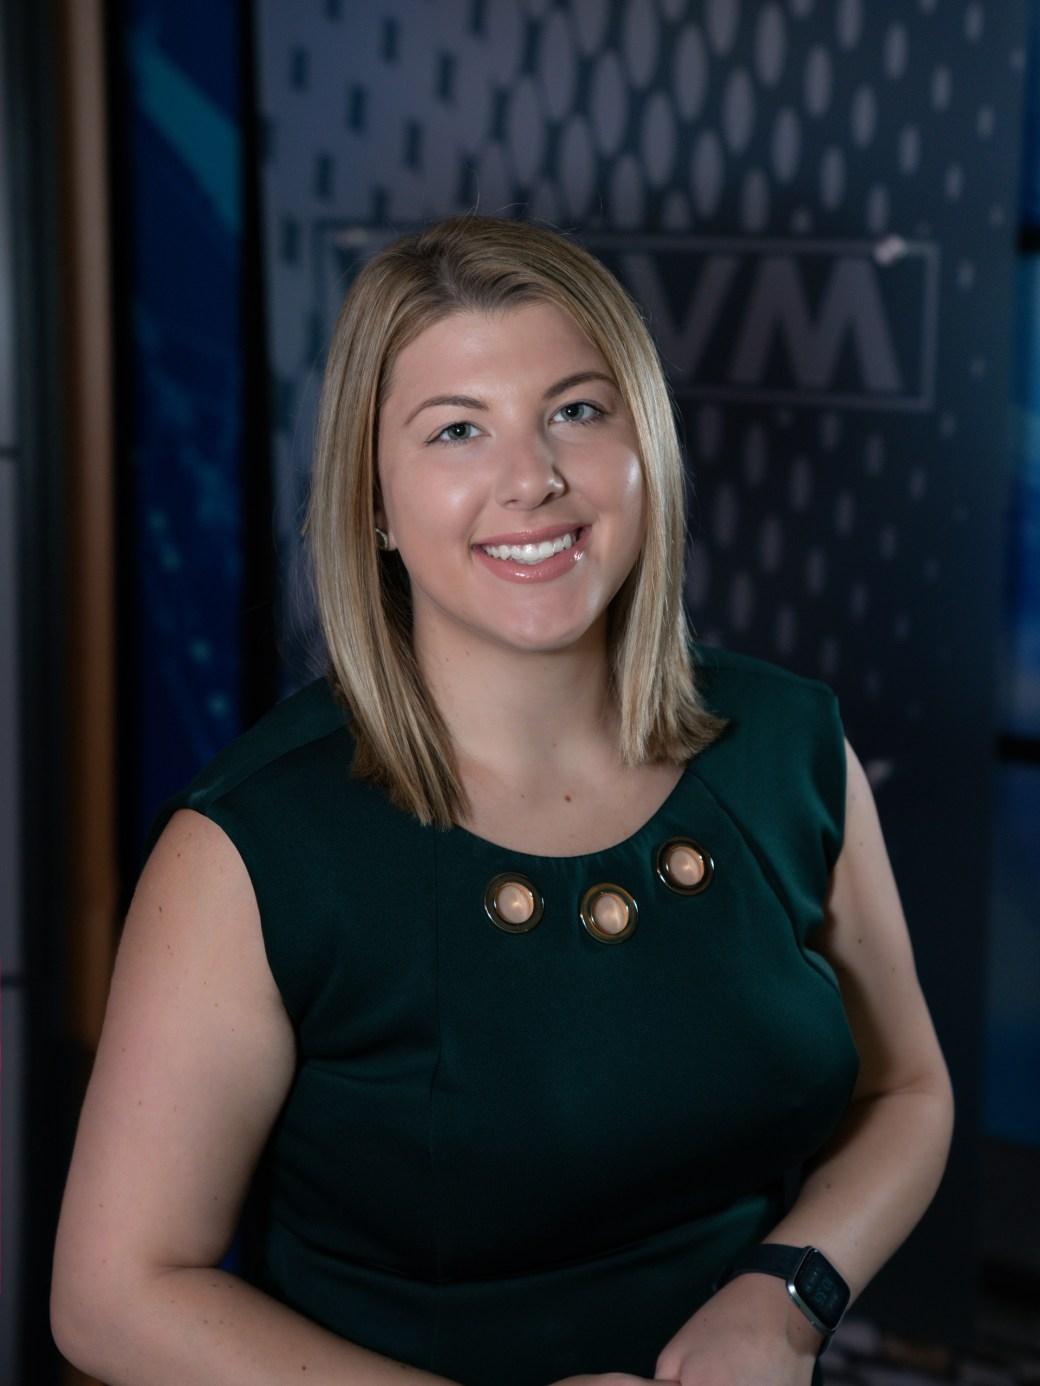 Katie Misuraca